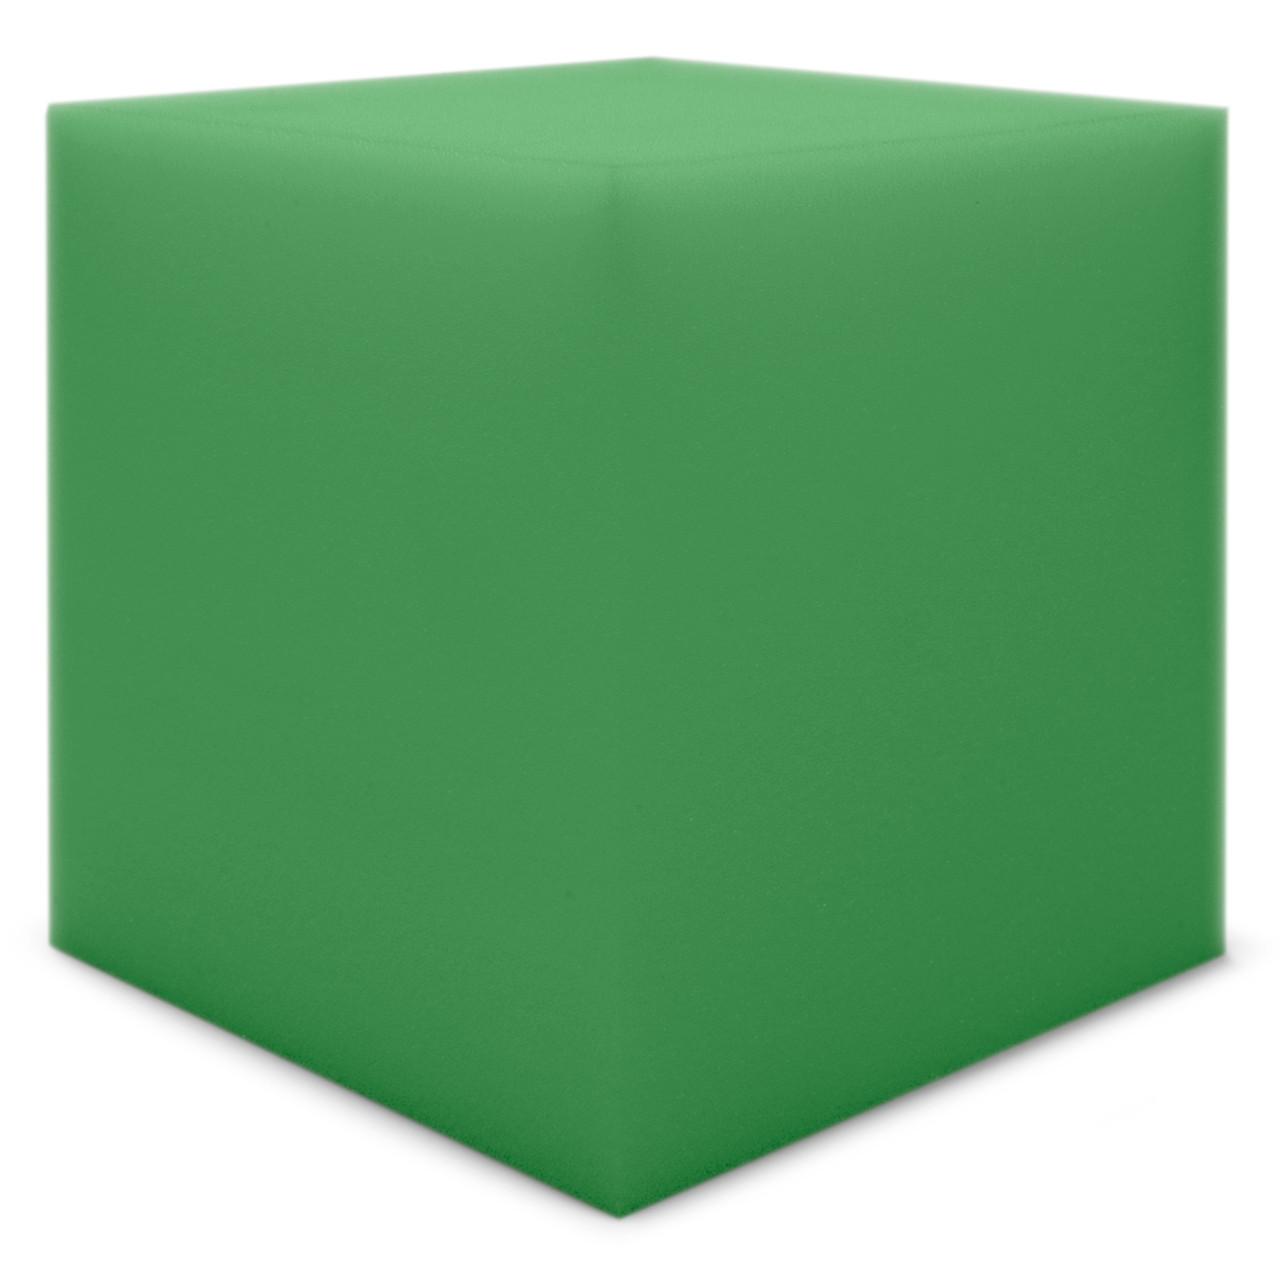 Бас пастка Ecosound КУБ кутовий 15х15х15 см Колір зелений